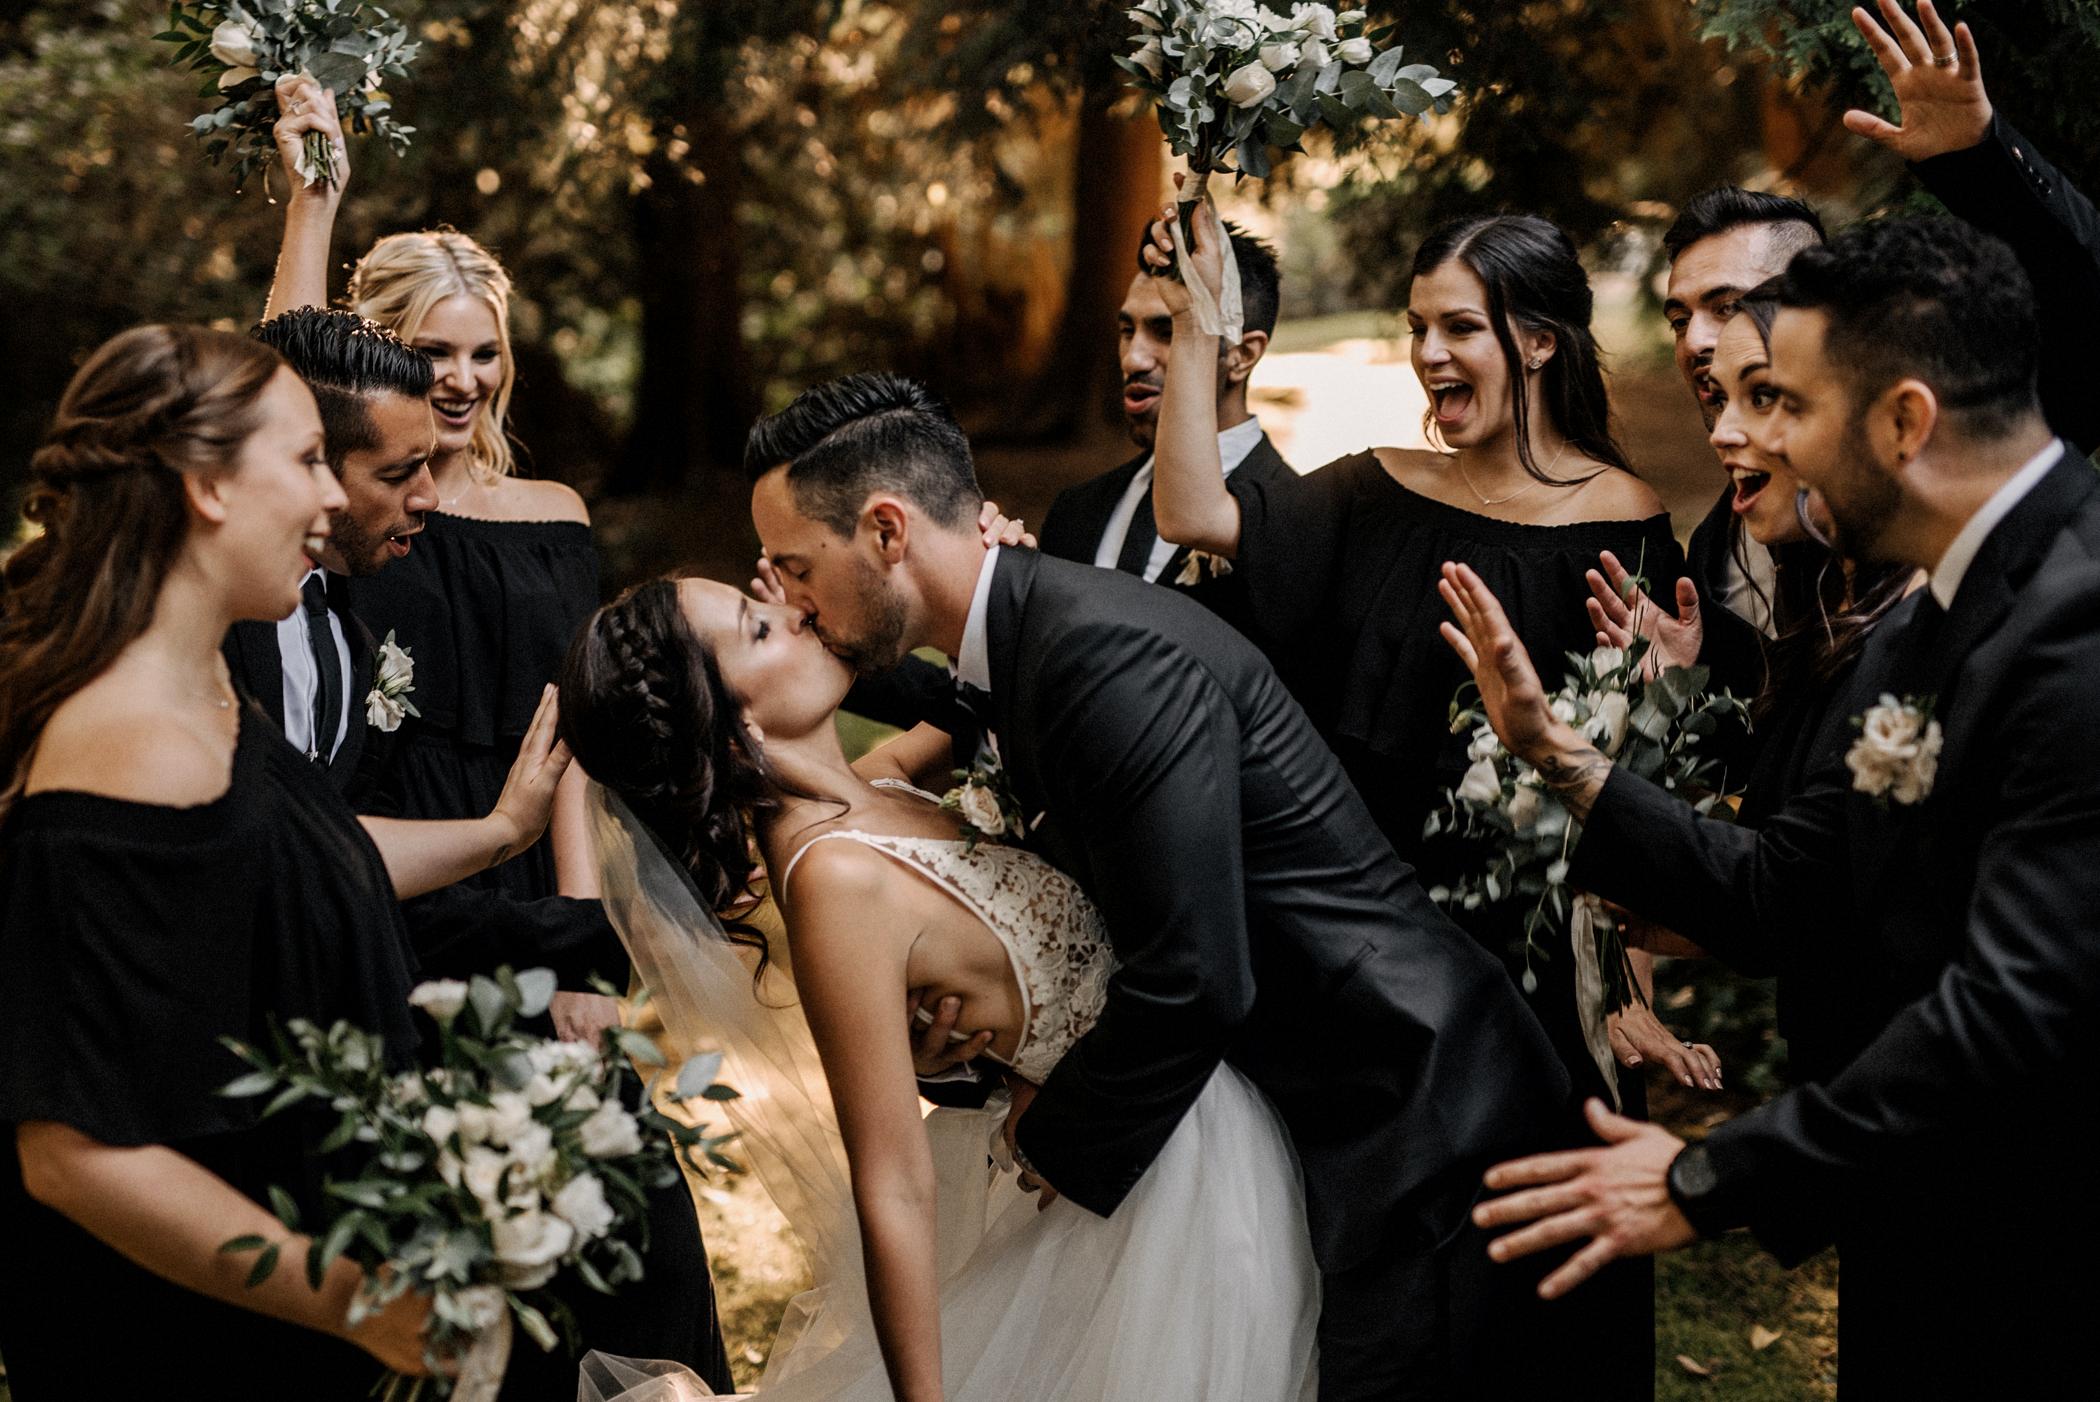 052-kaoverii-silva-KR-wedding-vancouver-photography-blog.png